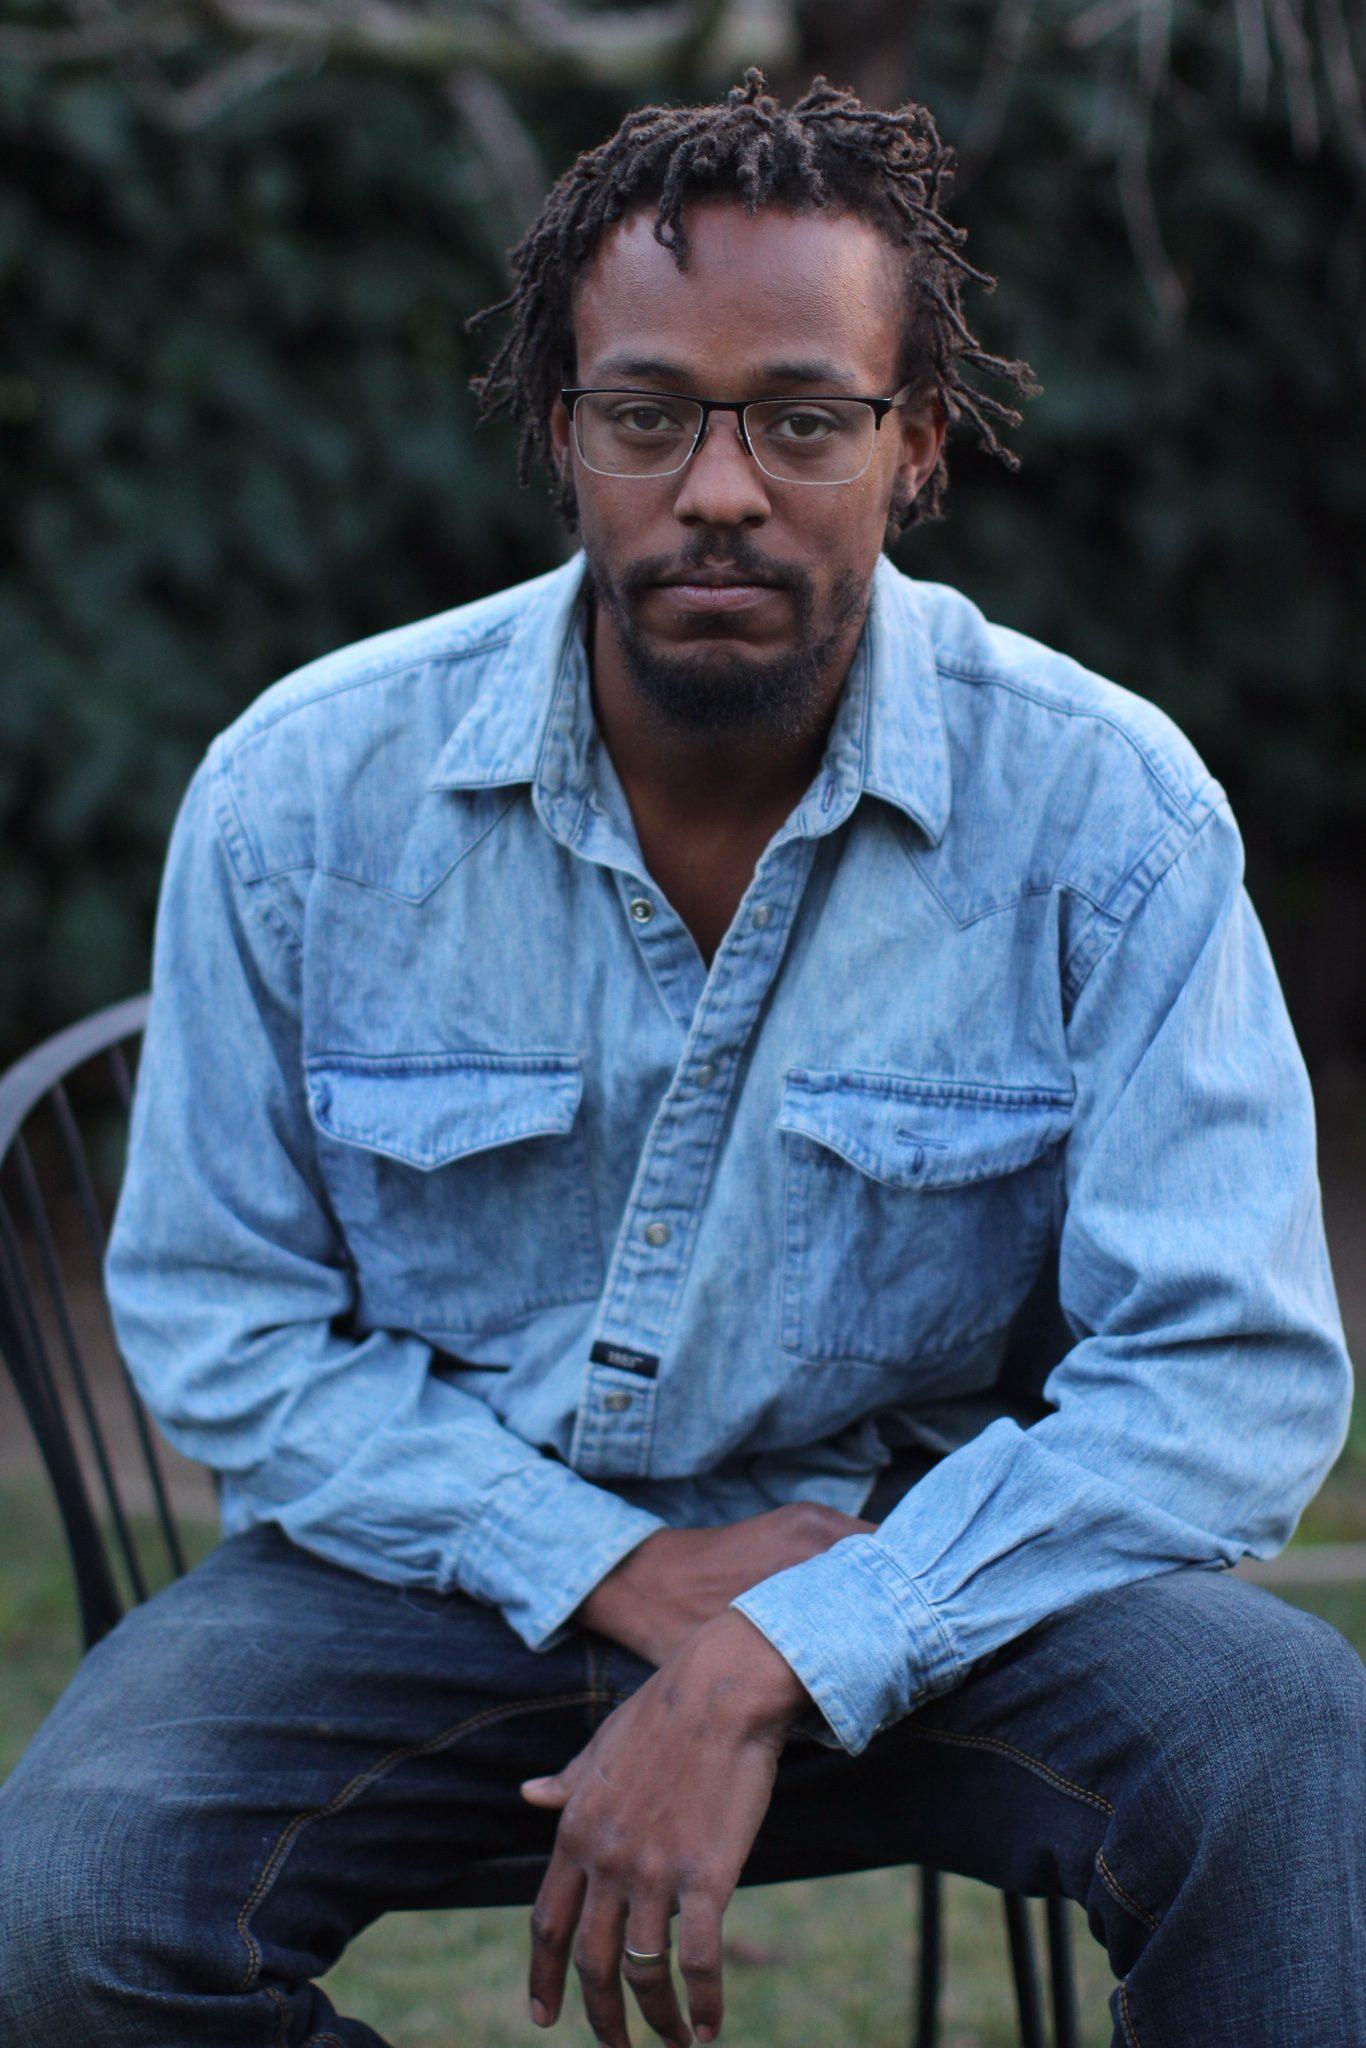 Derrick Sanderlin Portrait